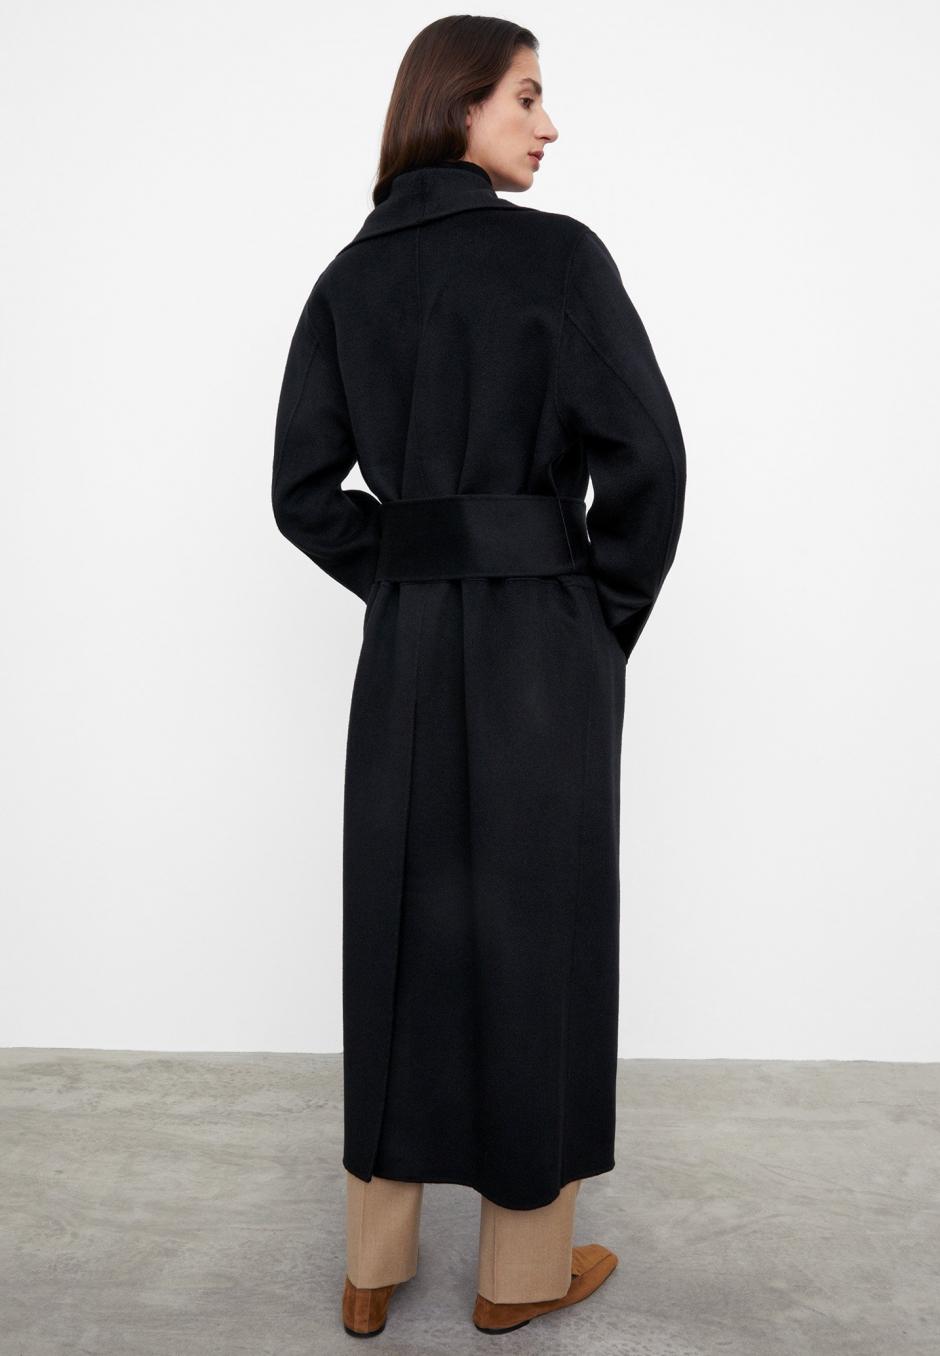 Totême Robe Coat Black